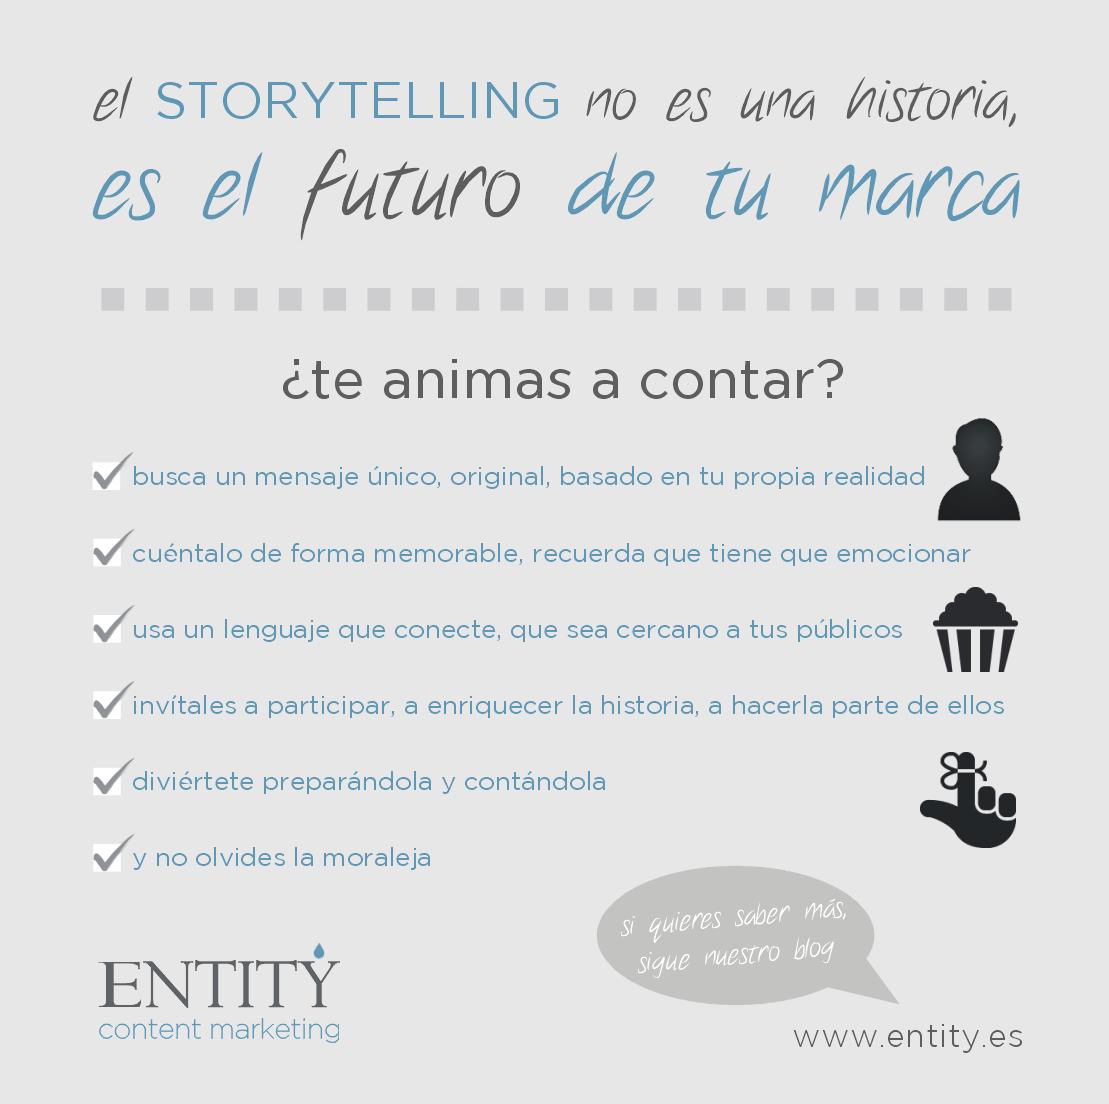 el storytelling es el futuro de tu marca